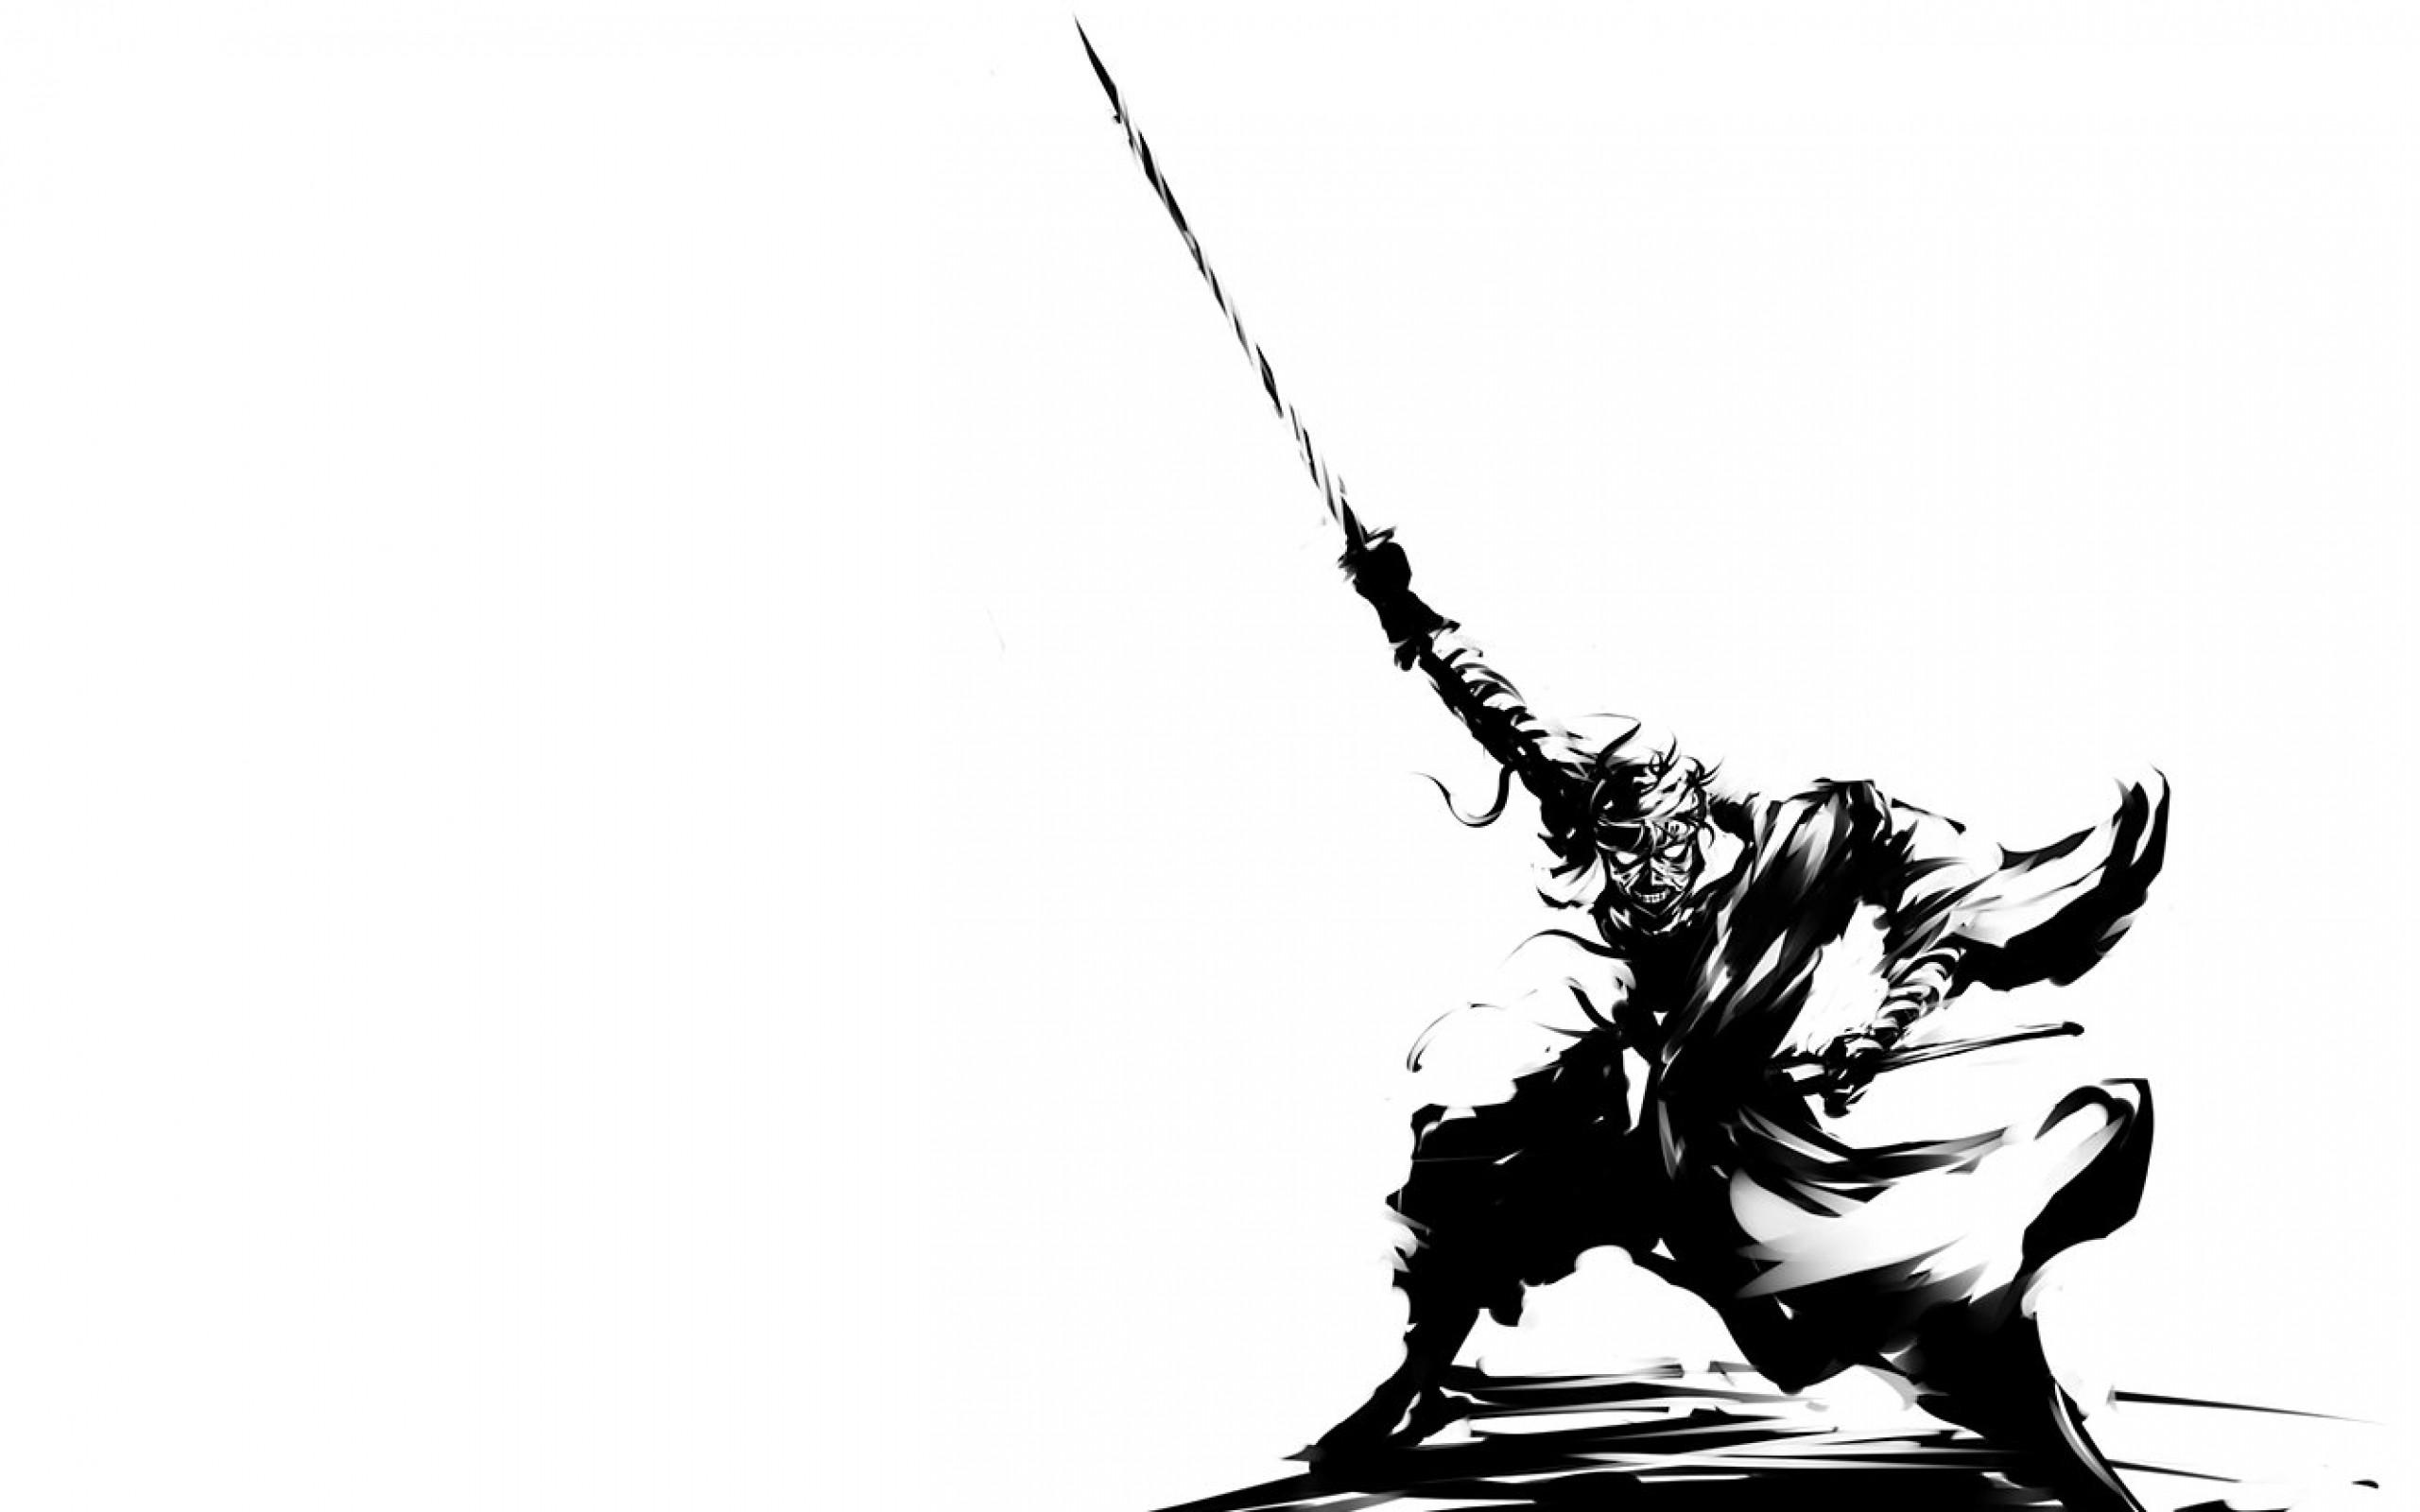 90 Rurouni Kenshin Wallpaper Hd